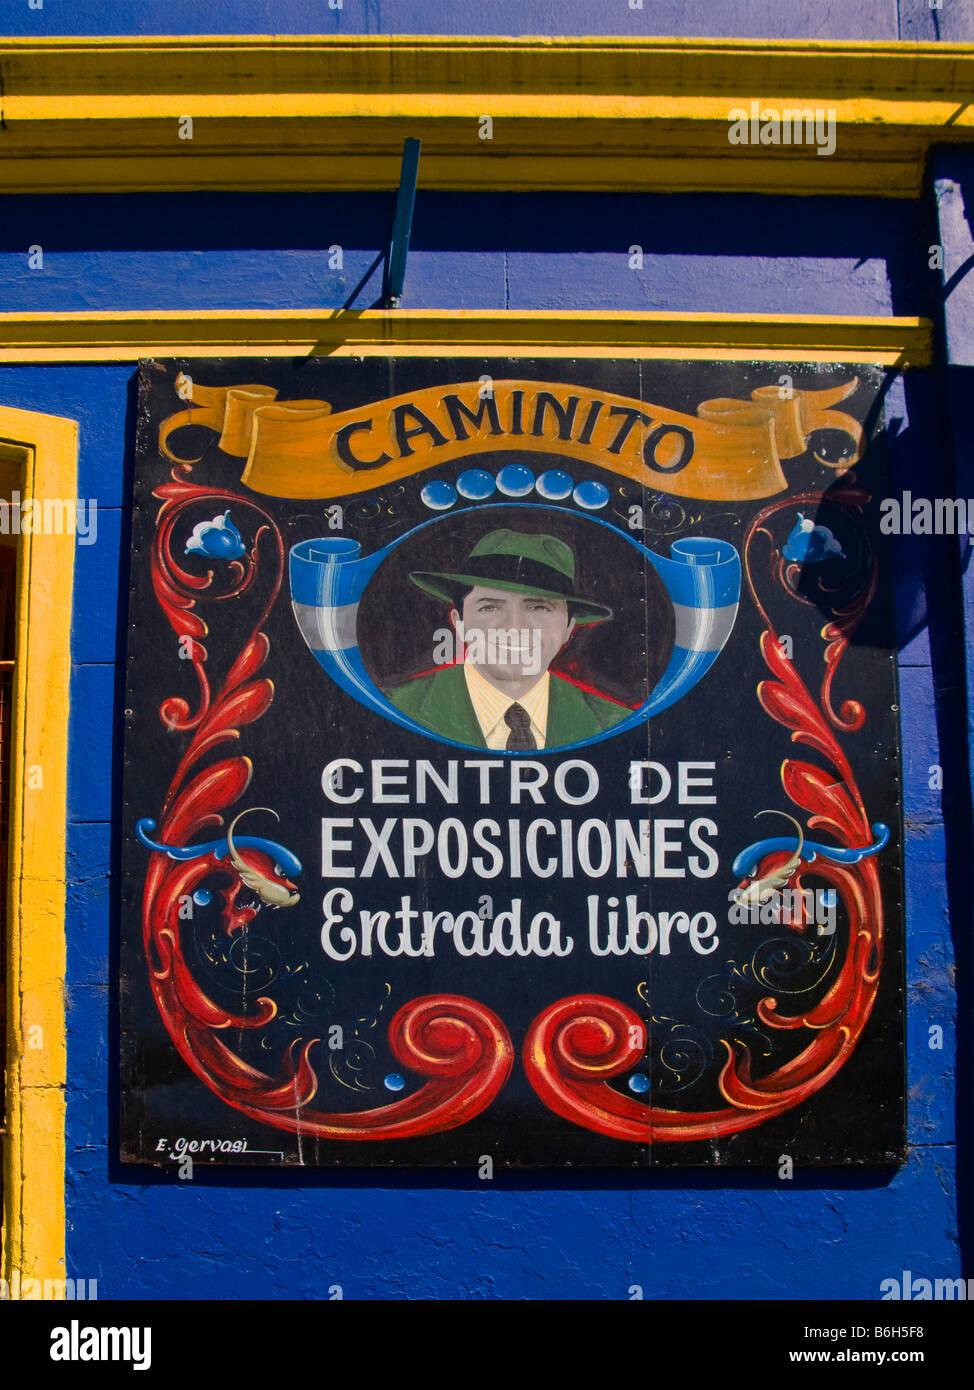 Bild des Tango-Sänger Carlos Gardel auf einer Wand in La Boca, Buenos Aires, Argentinien. Stockfoto